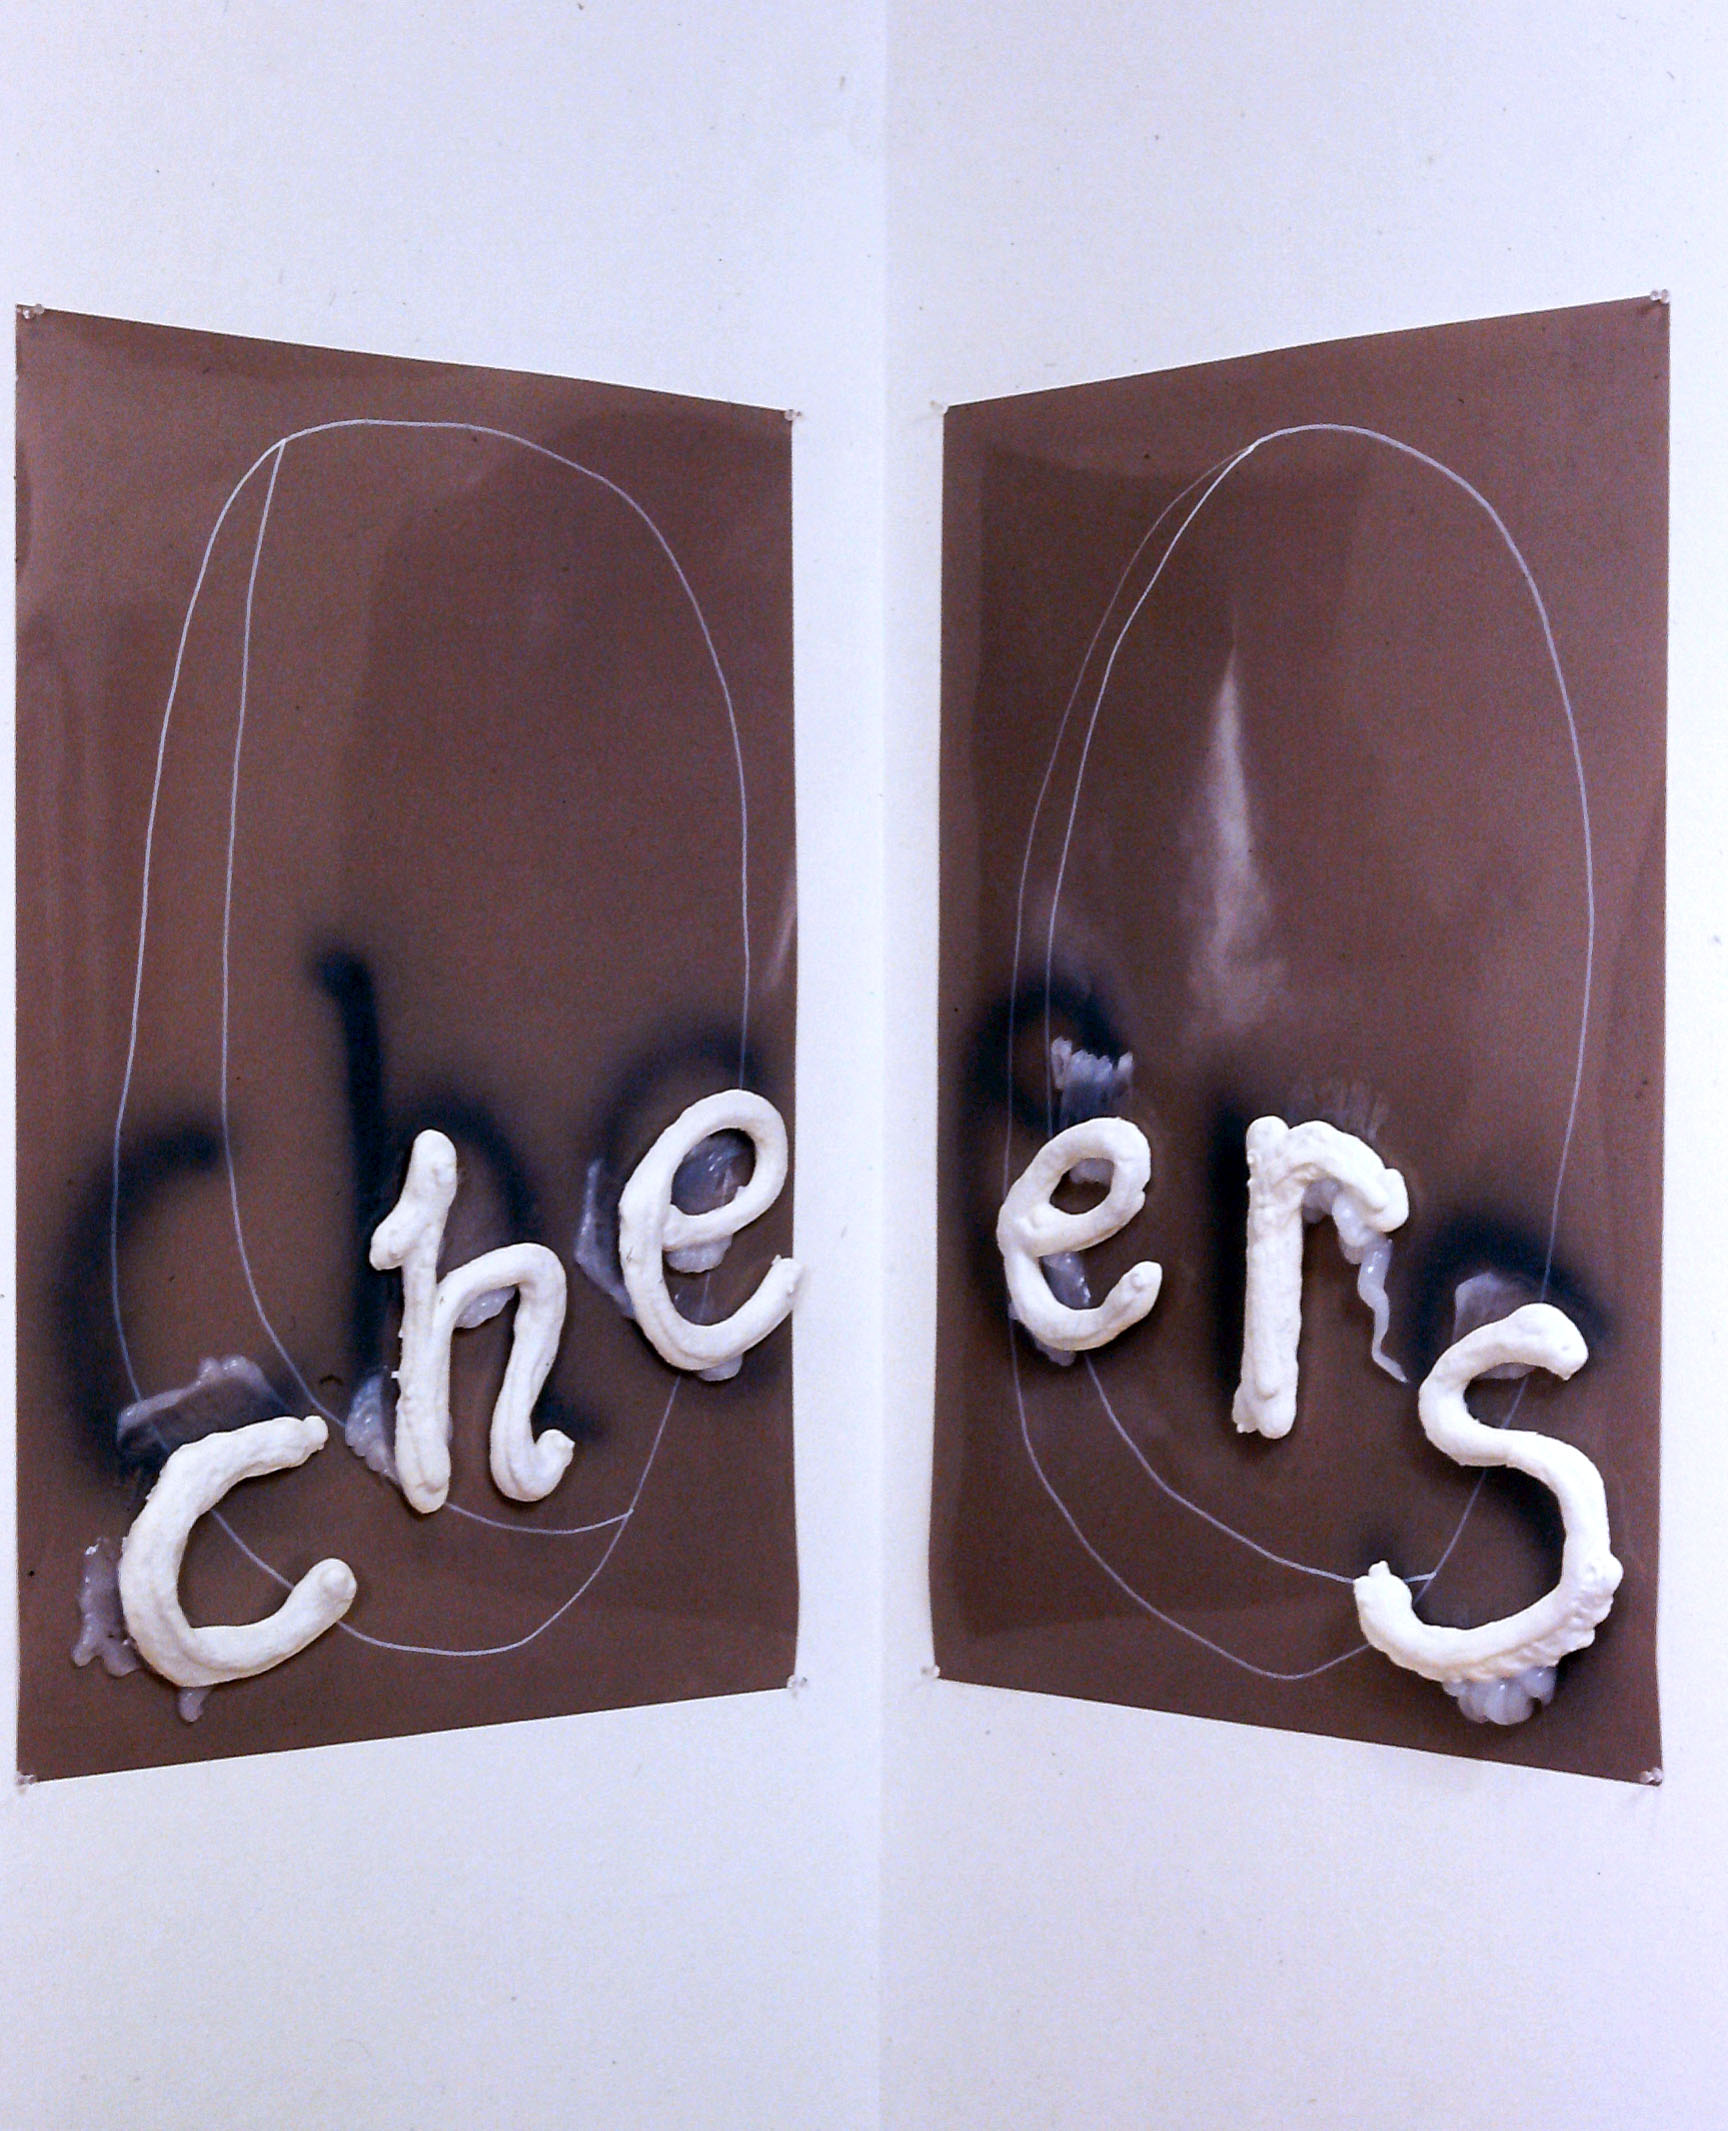 Cheers_Alwast2001.jpg